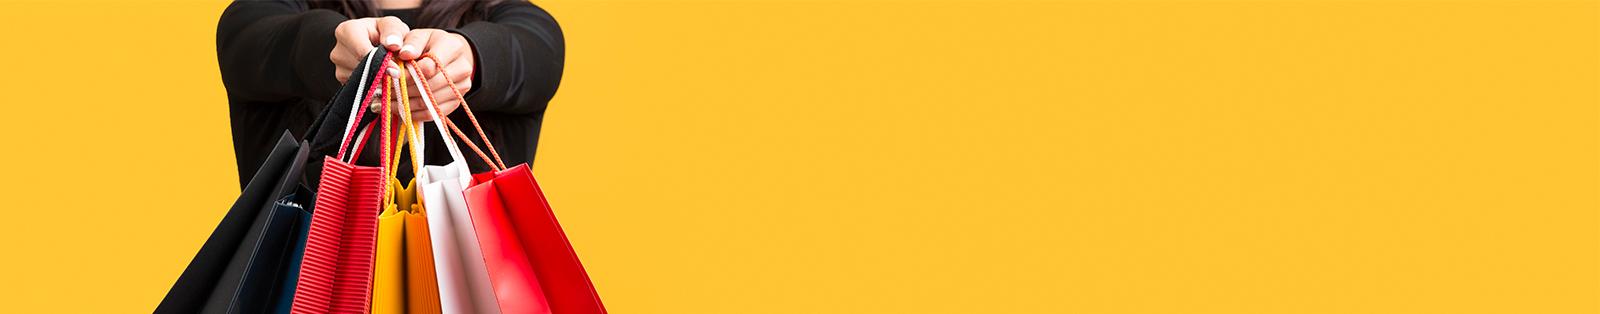 https://juffairsquare.com/wp-content/uploads/2020/12/JS-offers-banner.jpg